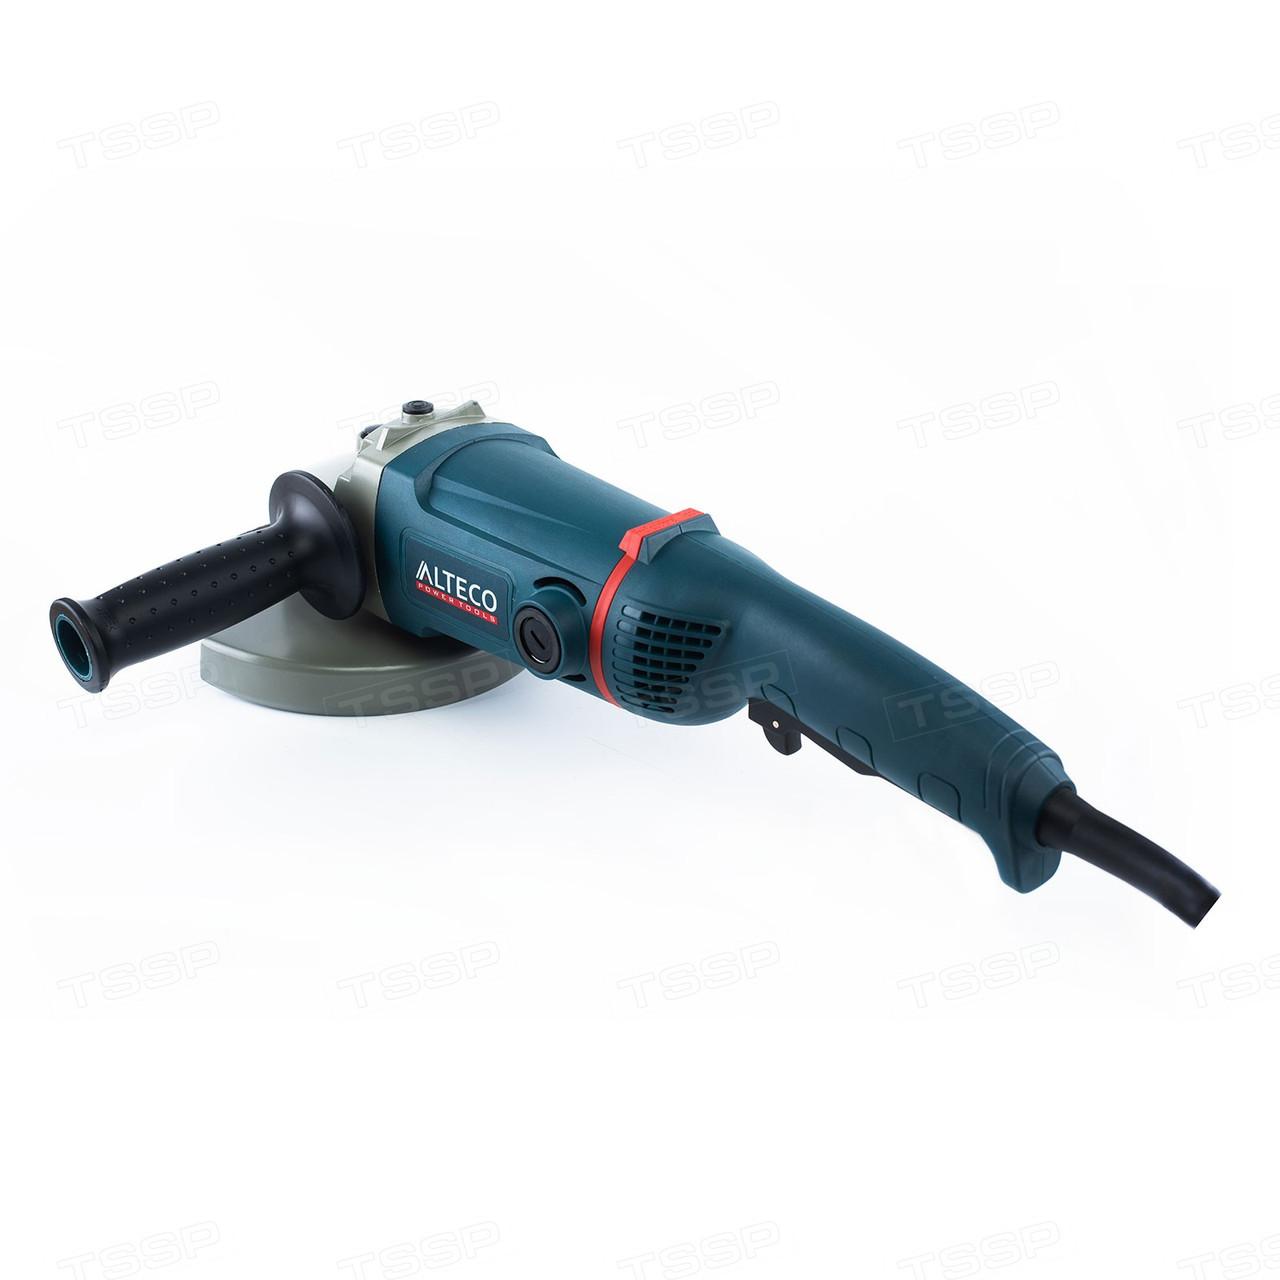 Угловая шлифмашина ALTECO AG 2000-180.1